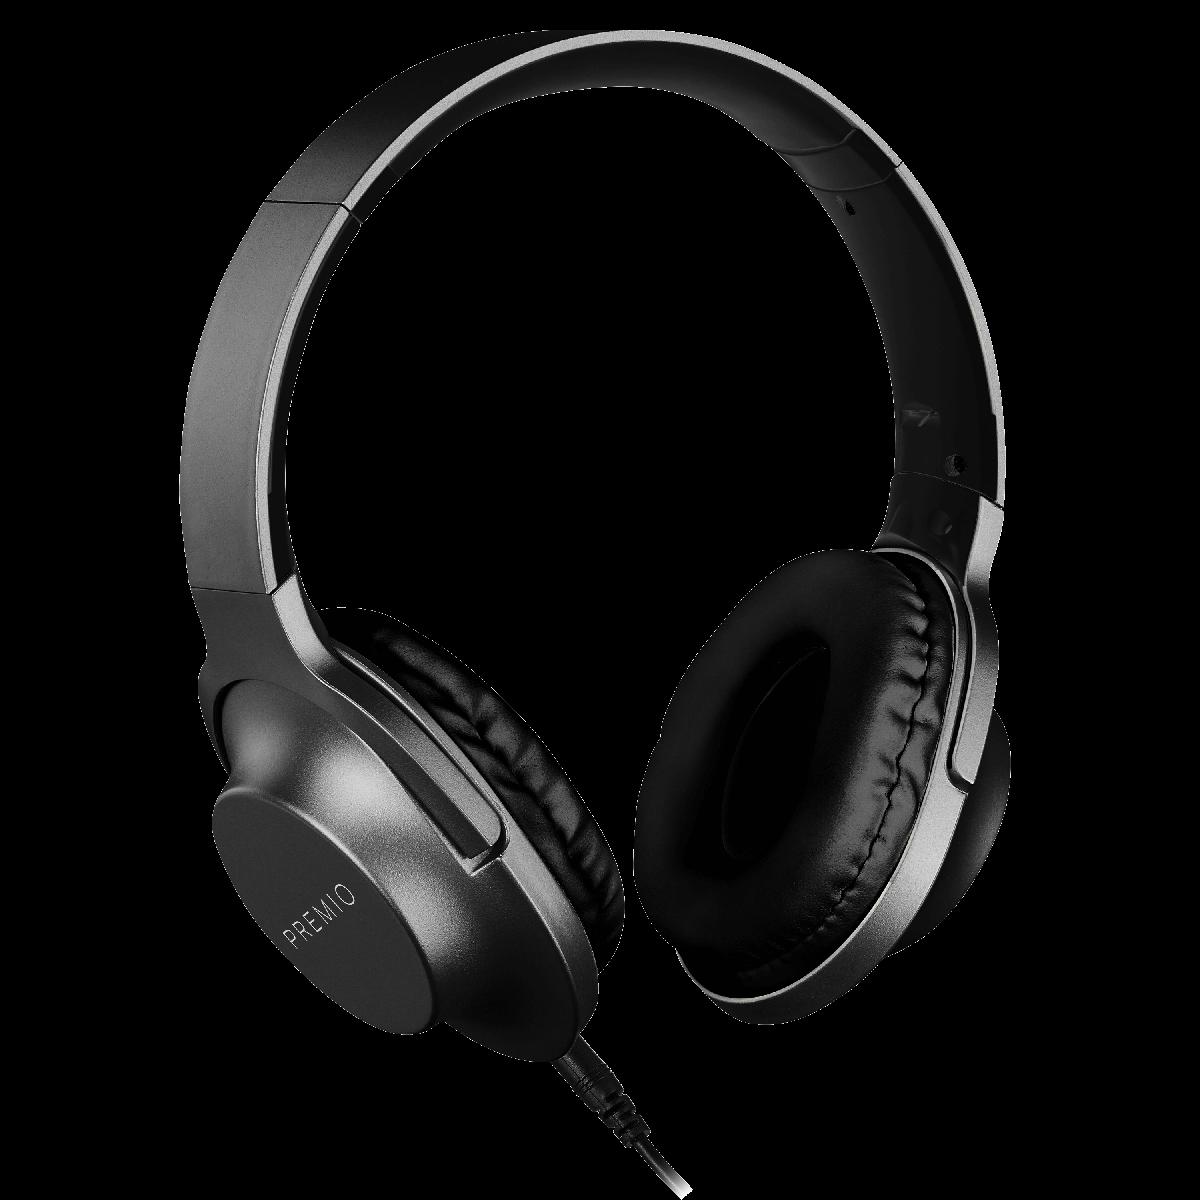 Premio X1 AUX Headphones